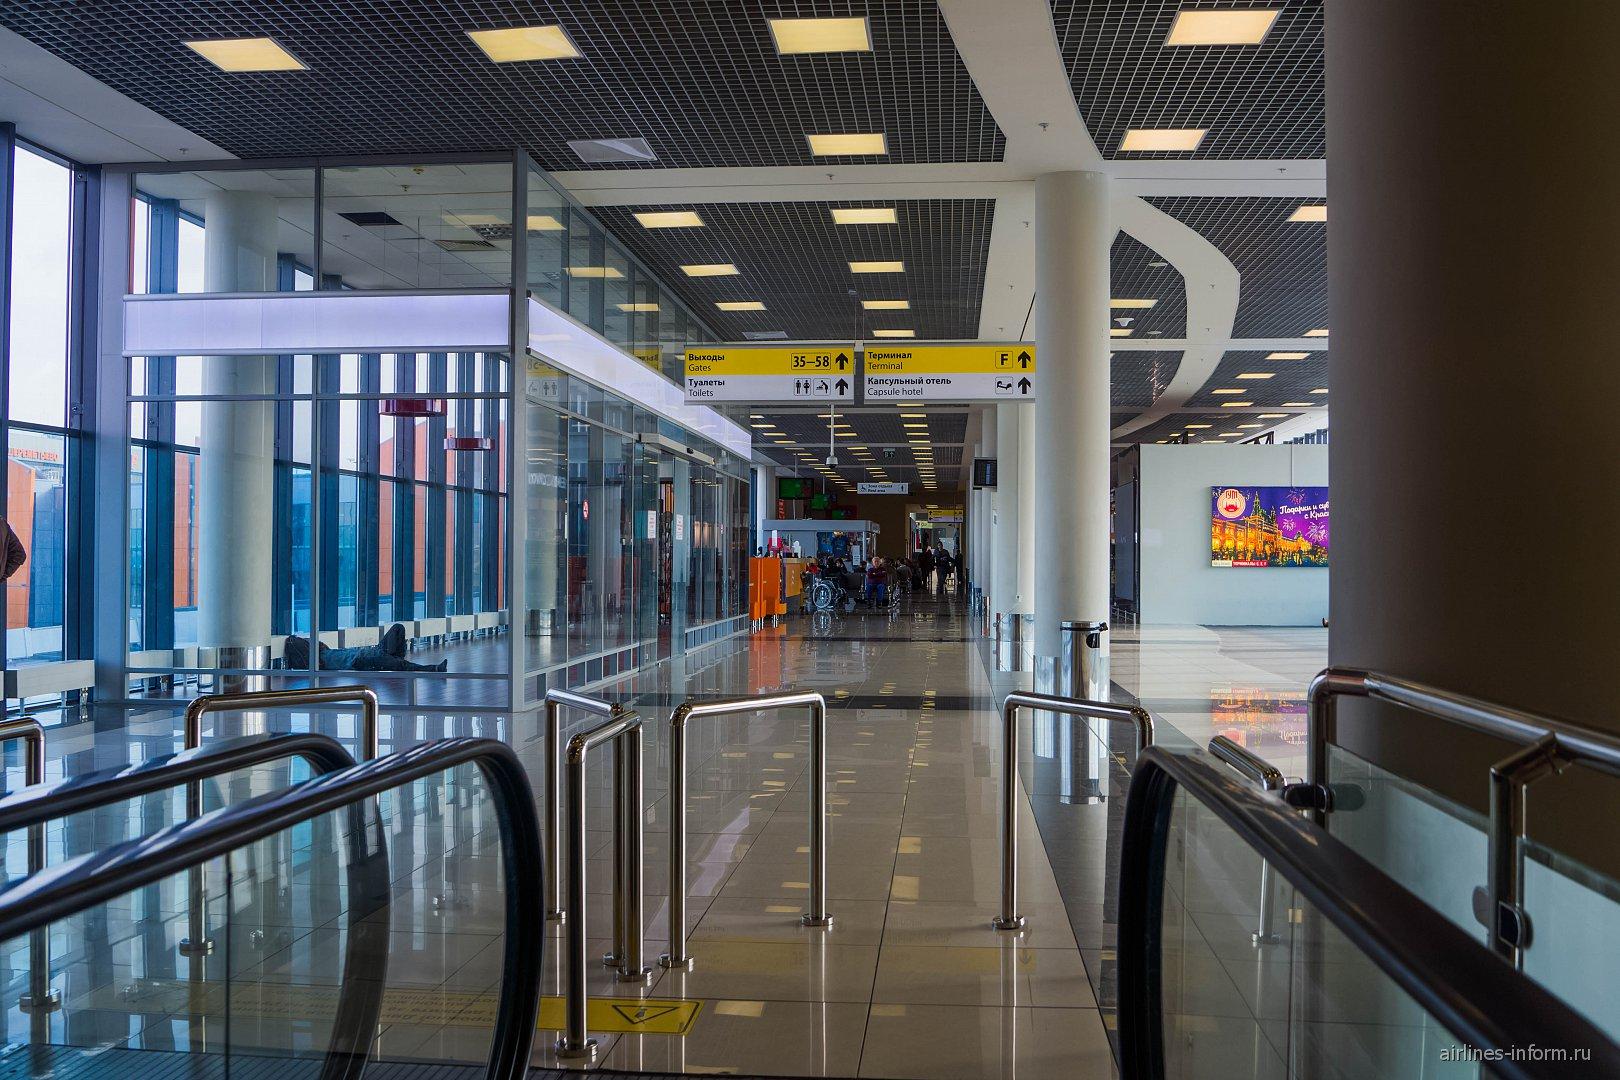 Переход между терминалами D и E в аэропорту Шереметьево